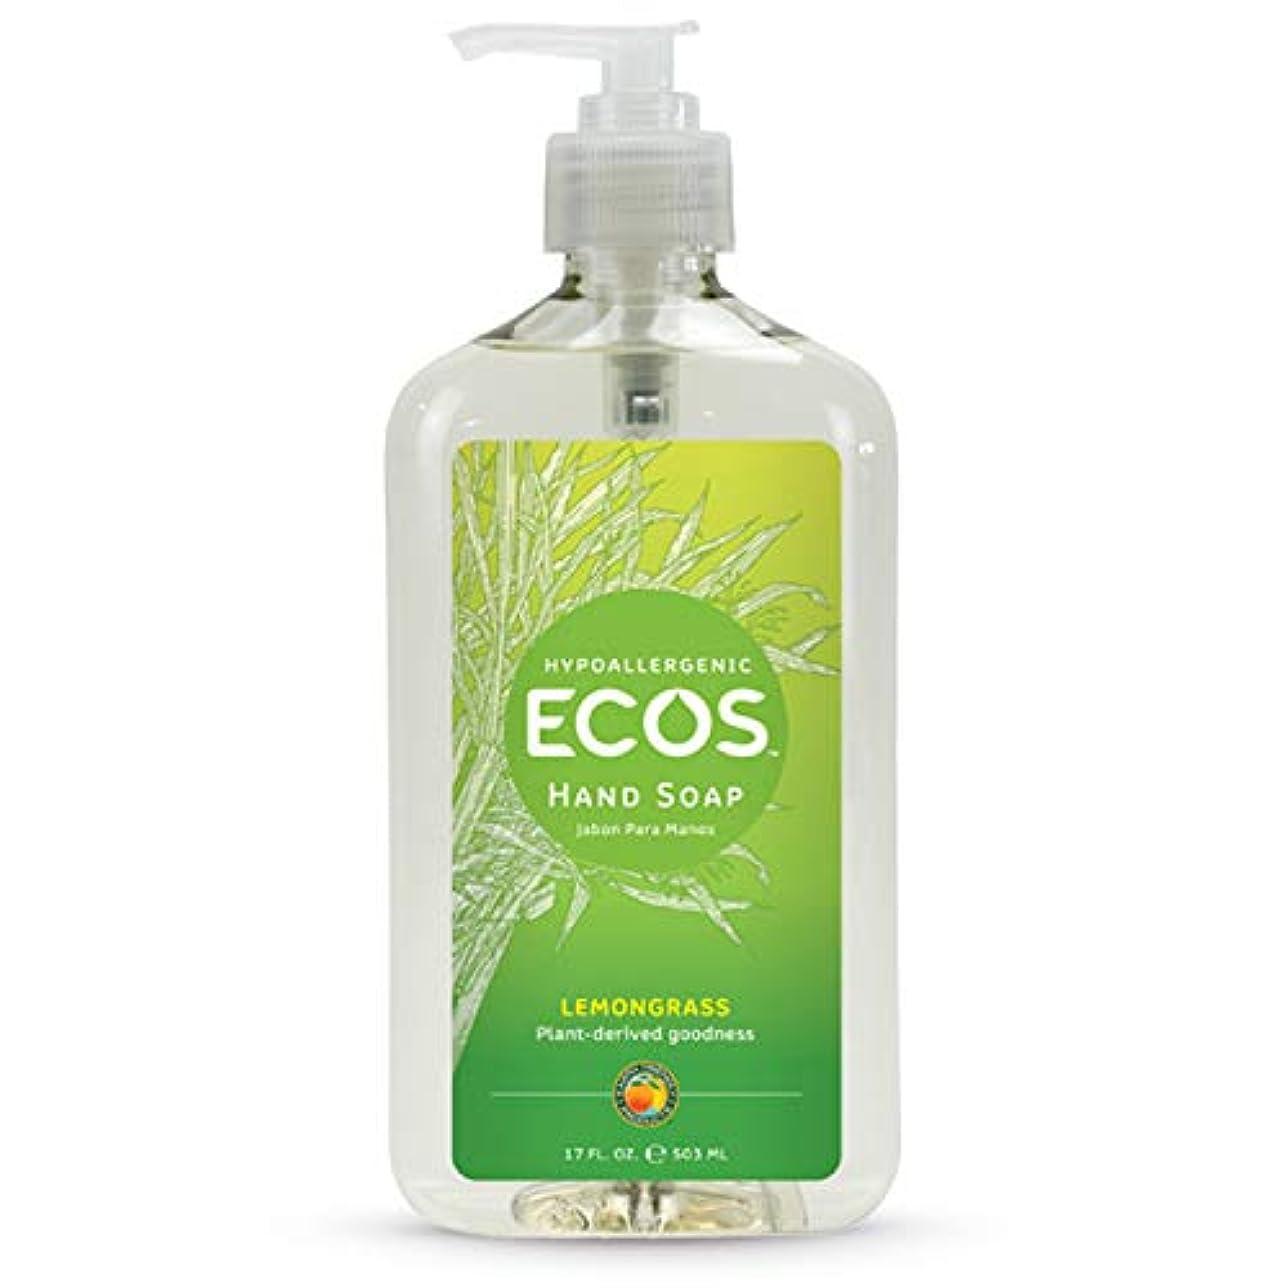 だらしないすることになっている日光Earth Friendly Products Hand Soap, Lemongrass, 17-Ounce Bottle (Pack of 6) by Earth Friendly Products